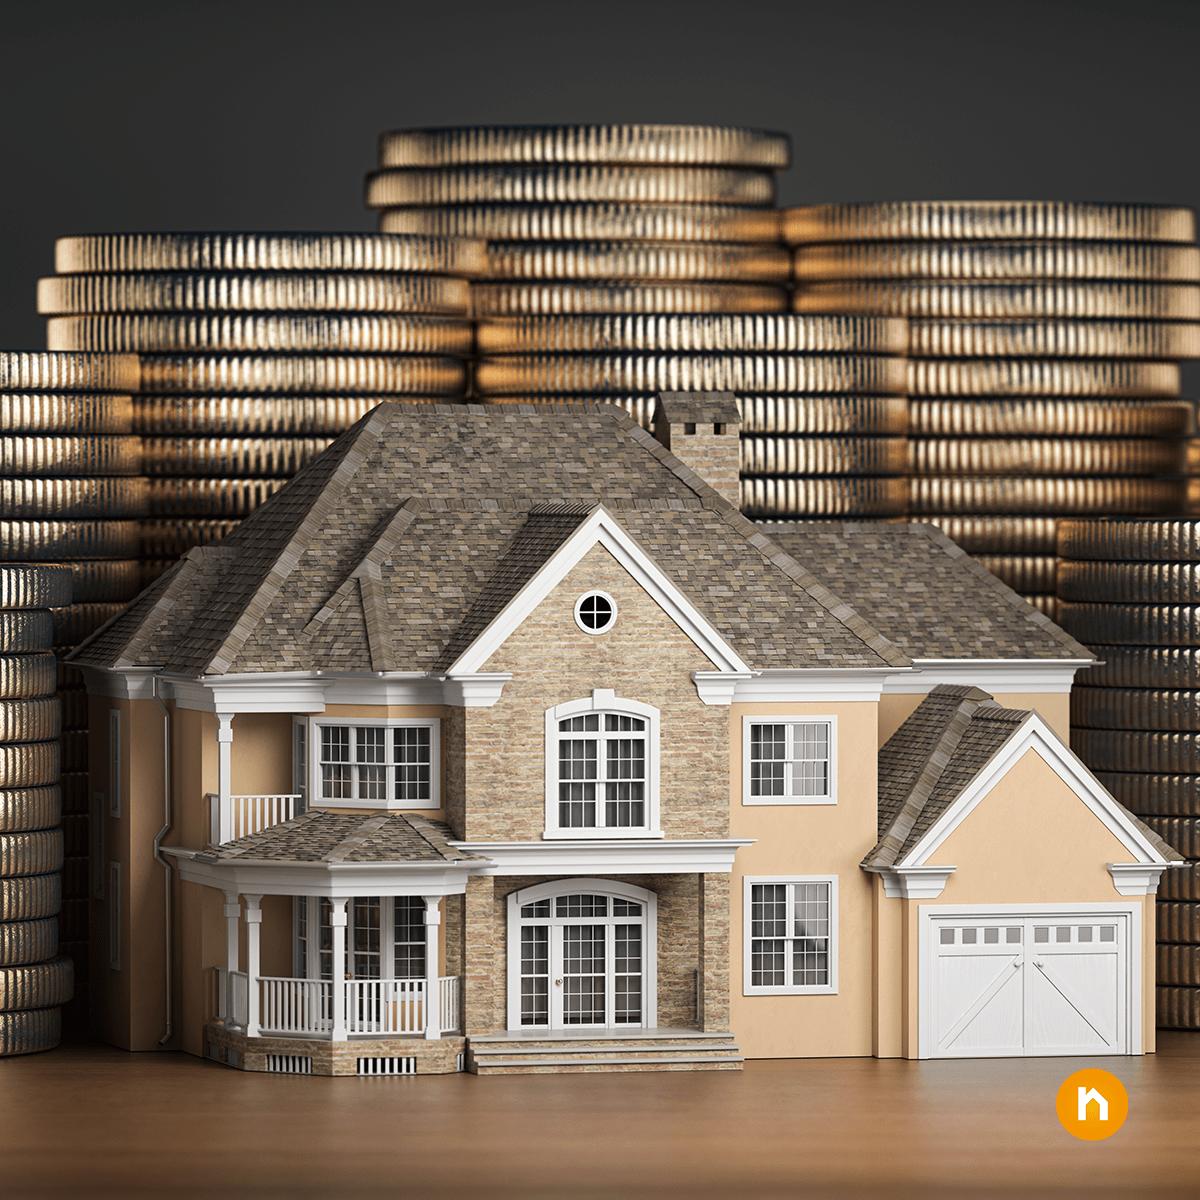 Immobilien-Investment behauptet sich weiterhin als sichere Investition